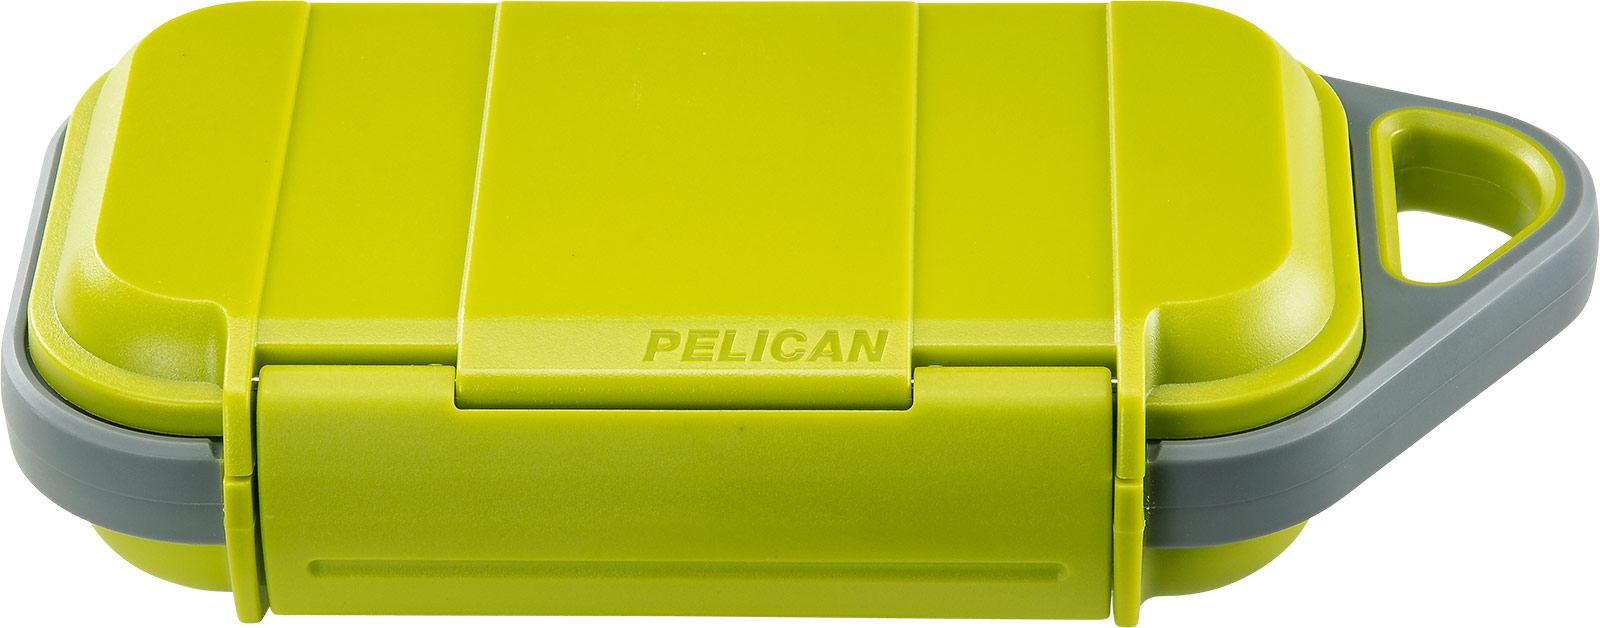 pelican g40 crushproof micro go case